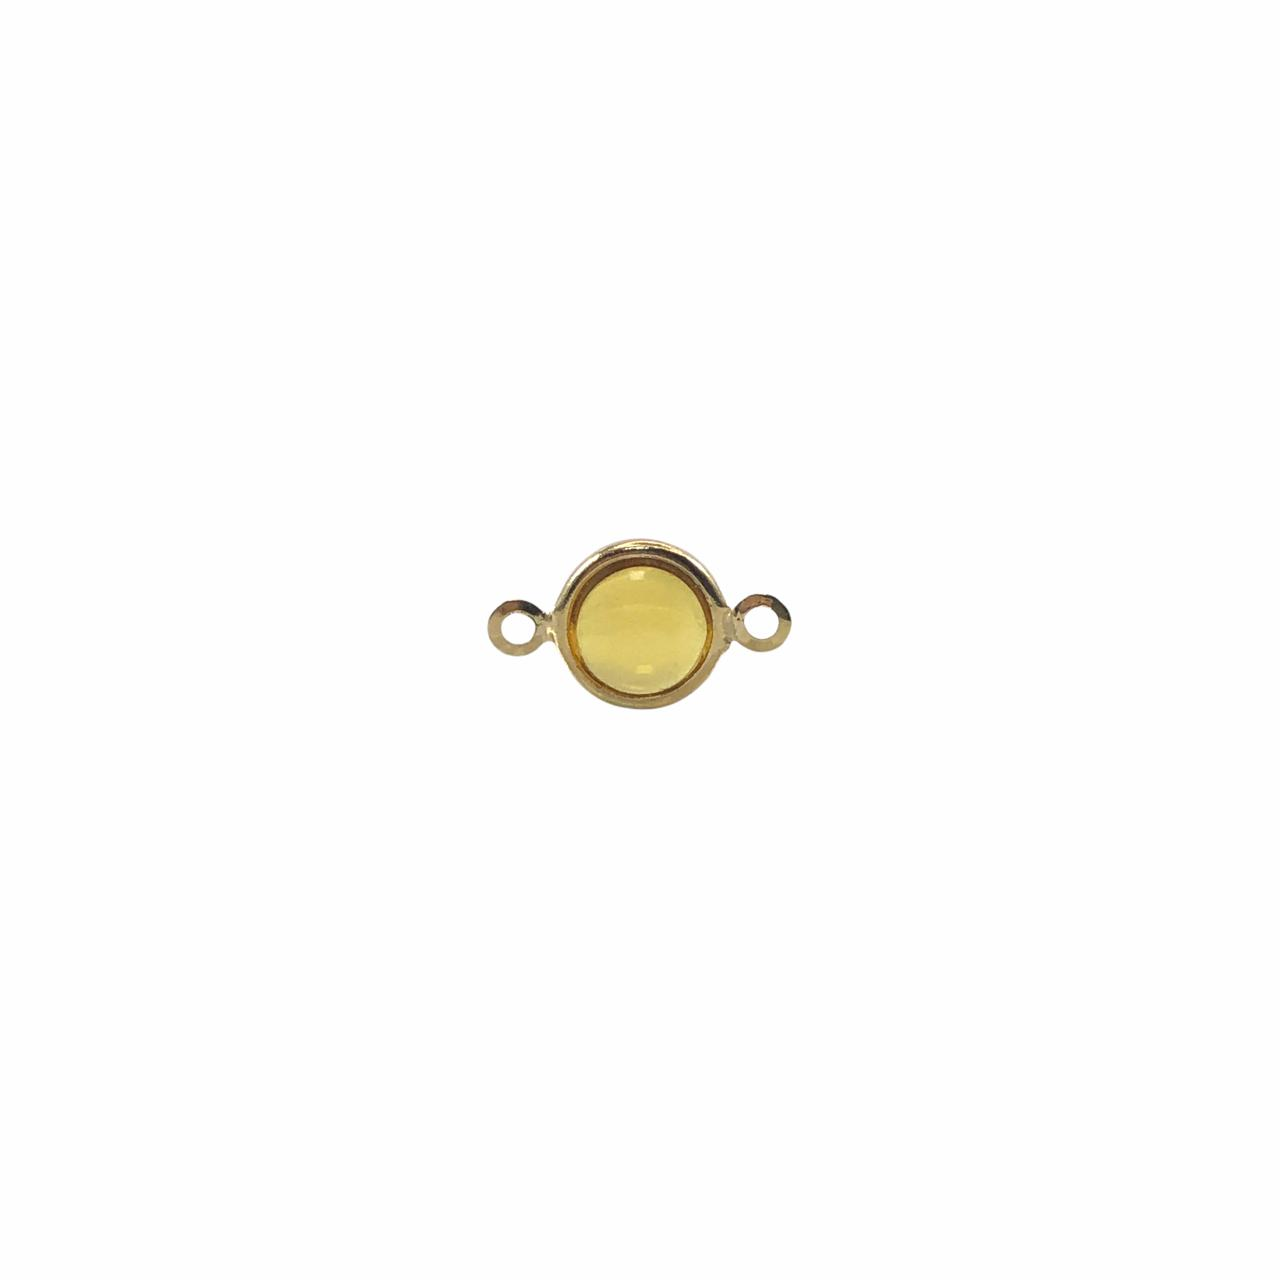 ETM583 - Entremeio De Vidro Citrine 8mm Banhado Cor Dourado - 4Unids